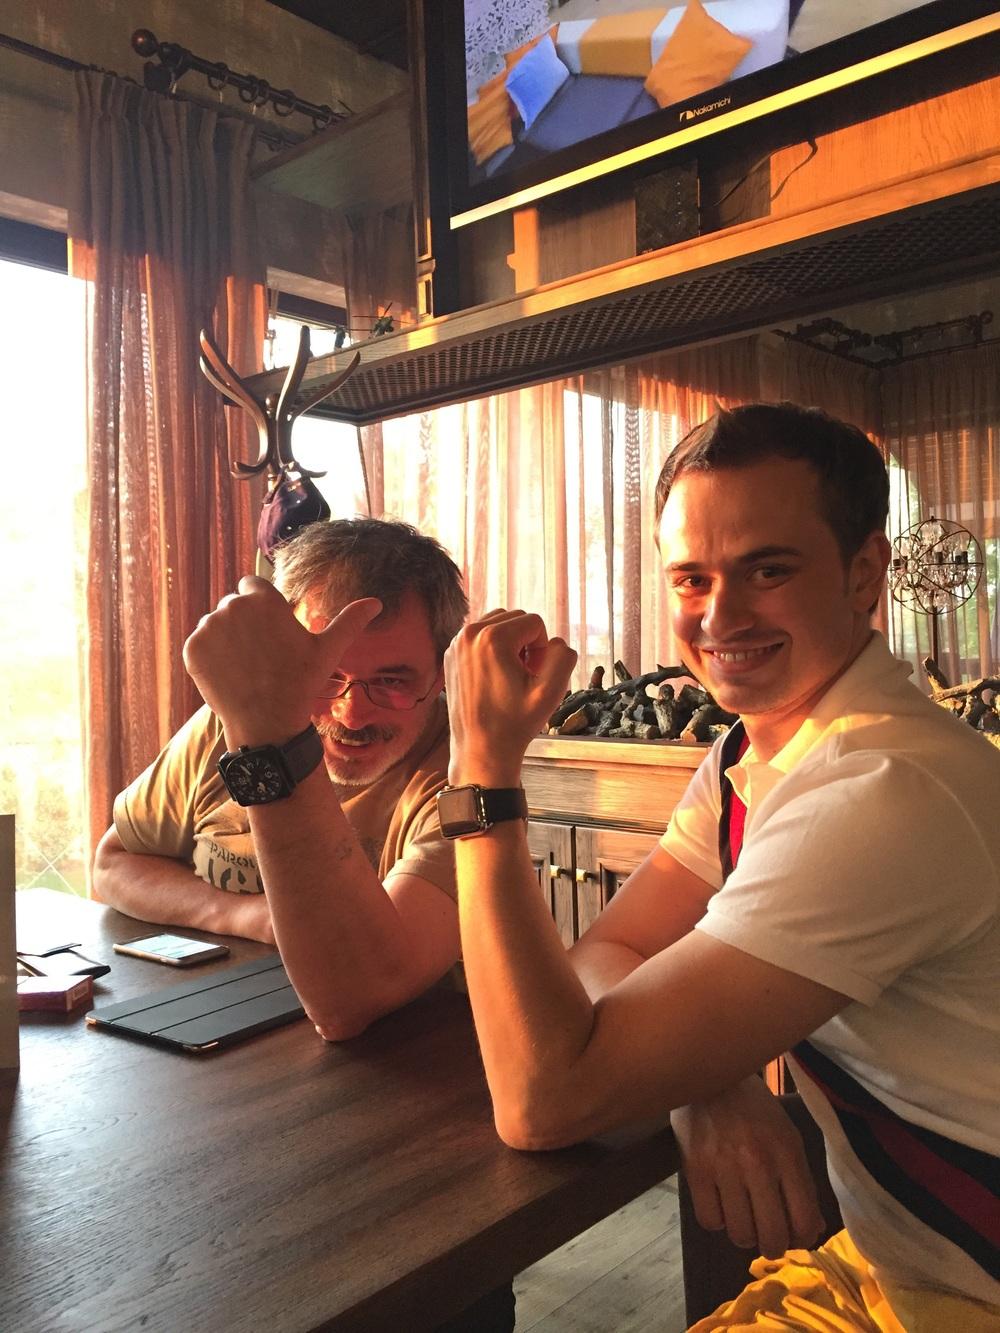 O tradicional relógio aviador do Misha e o Ivan com um Apple watch! Tradição e inovação!